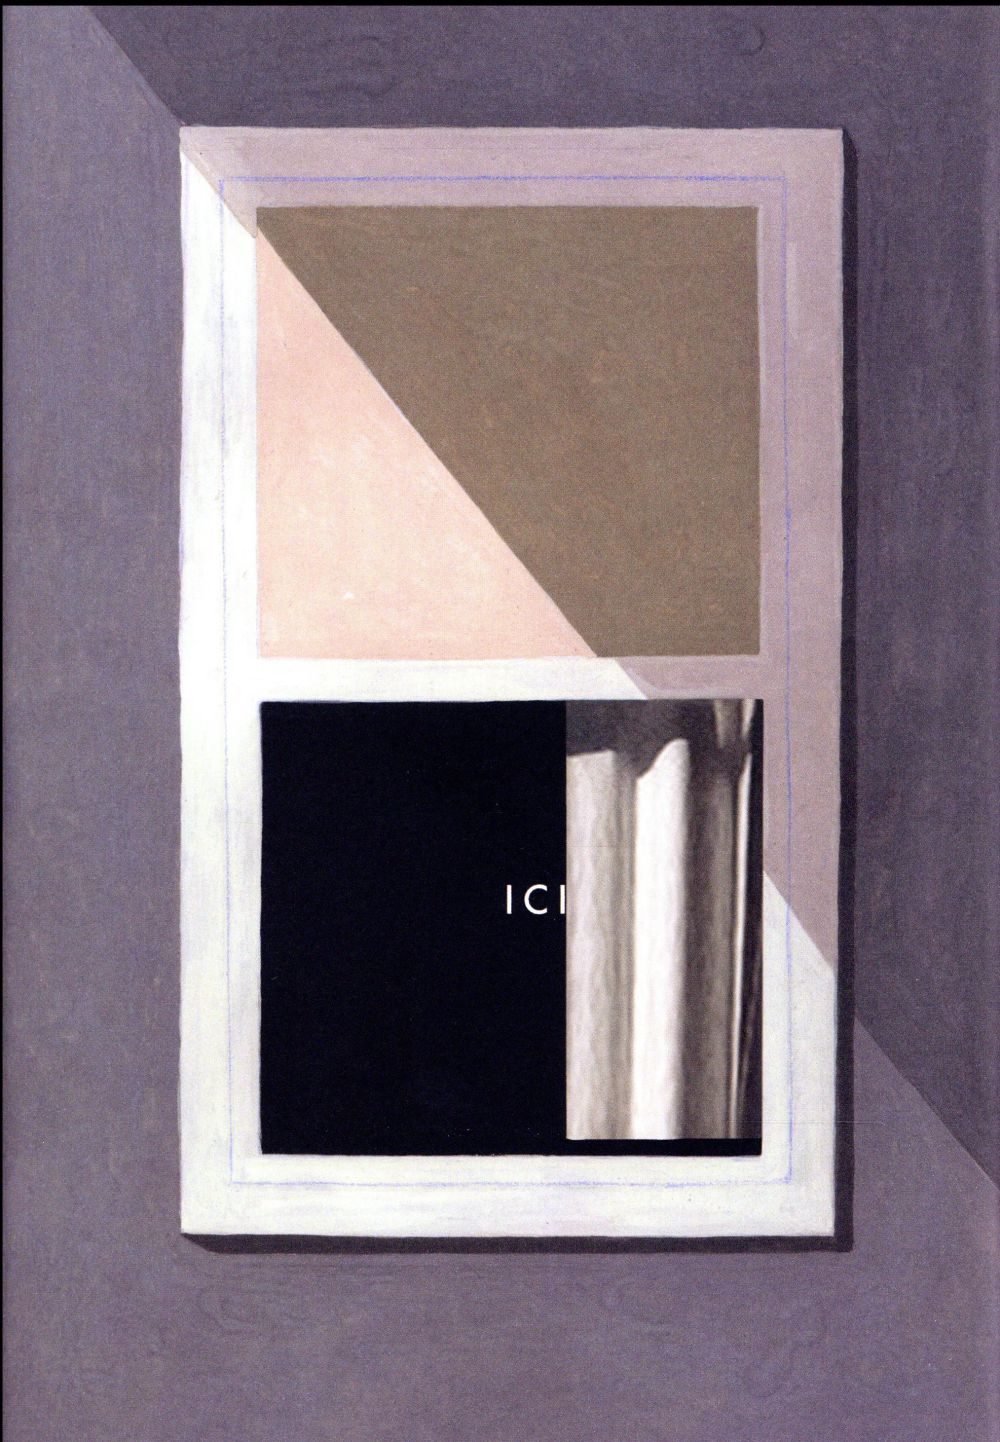 ICI McGuire Richard